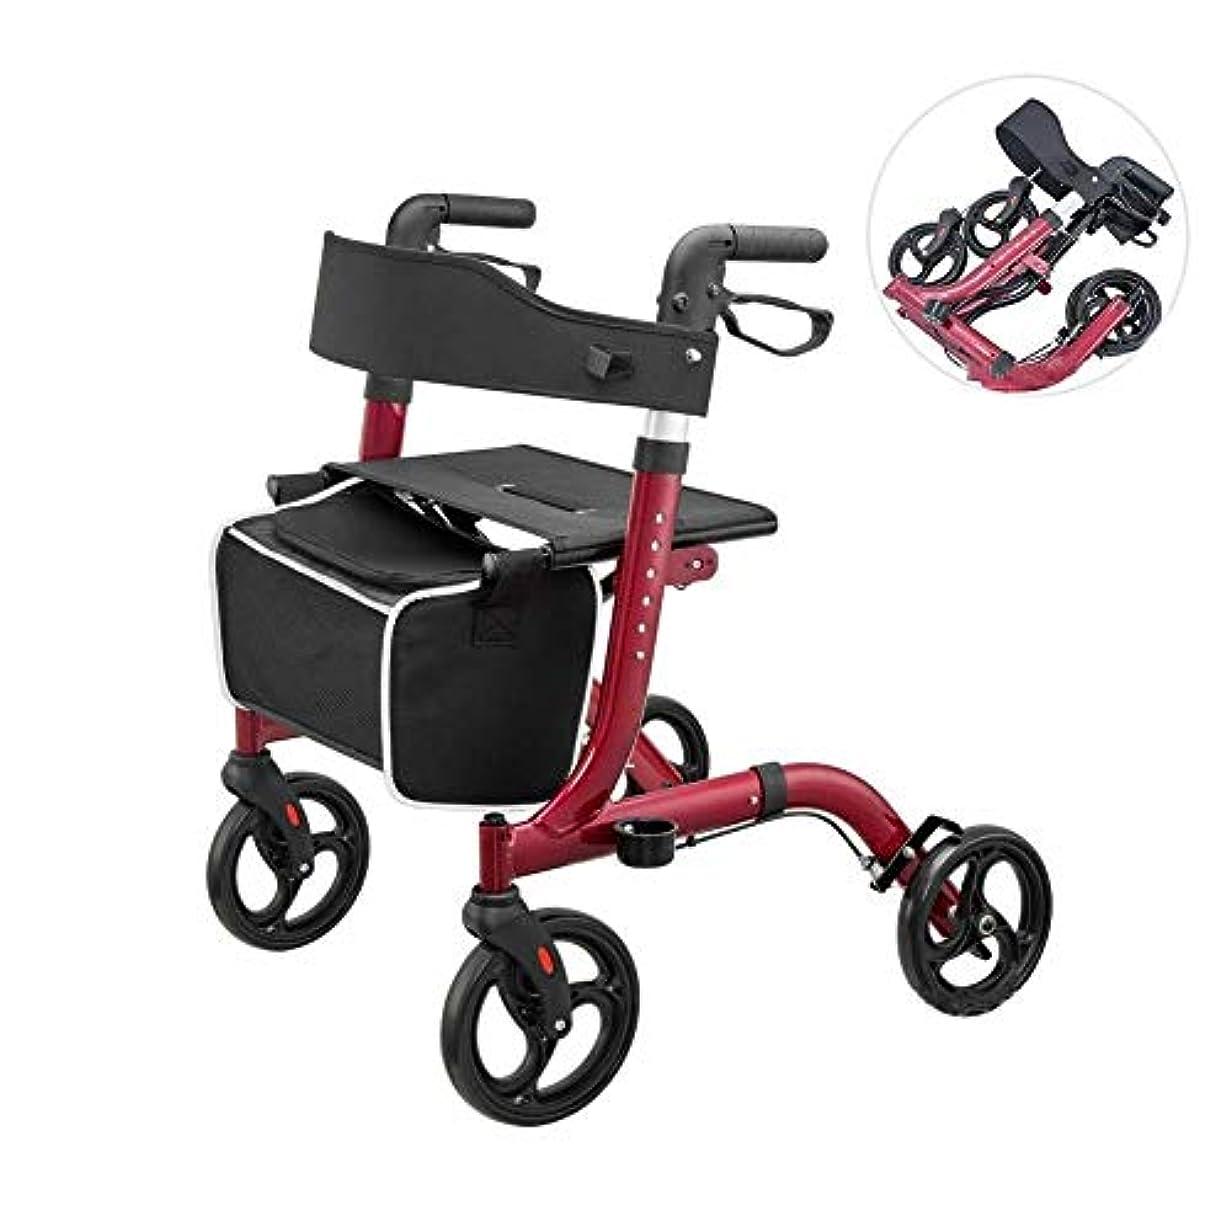 毛布予感ポゴスティックジャンプ障害者および老人用の座席と買い物かごを備えた軽量折りたたみ式歩行器